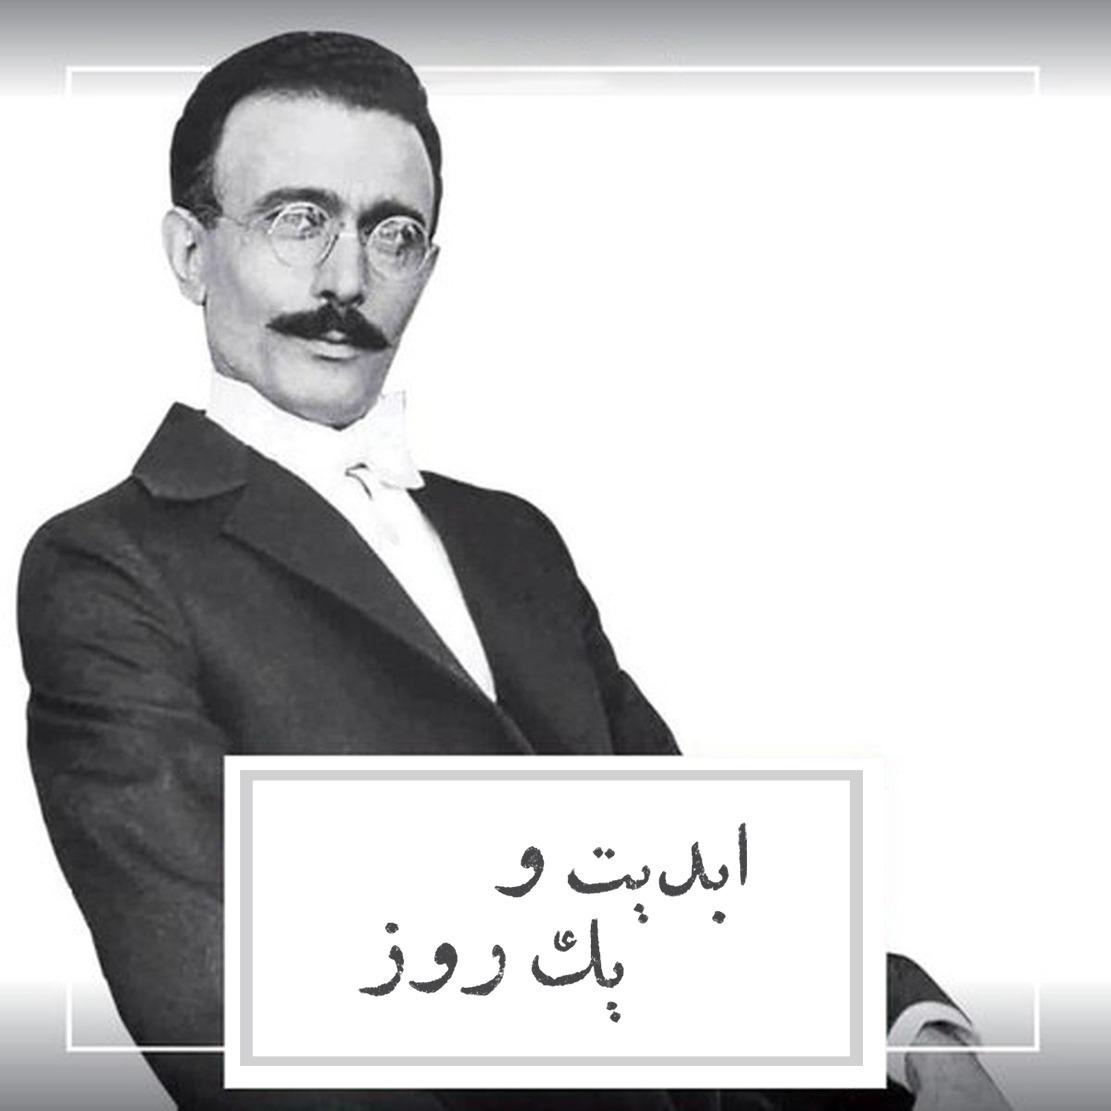 «ابدیت و یک روز - ویژه «درگذشت پرویز پورحسینی» - «امرالله احمدجو» و «احمد بخشی